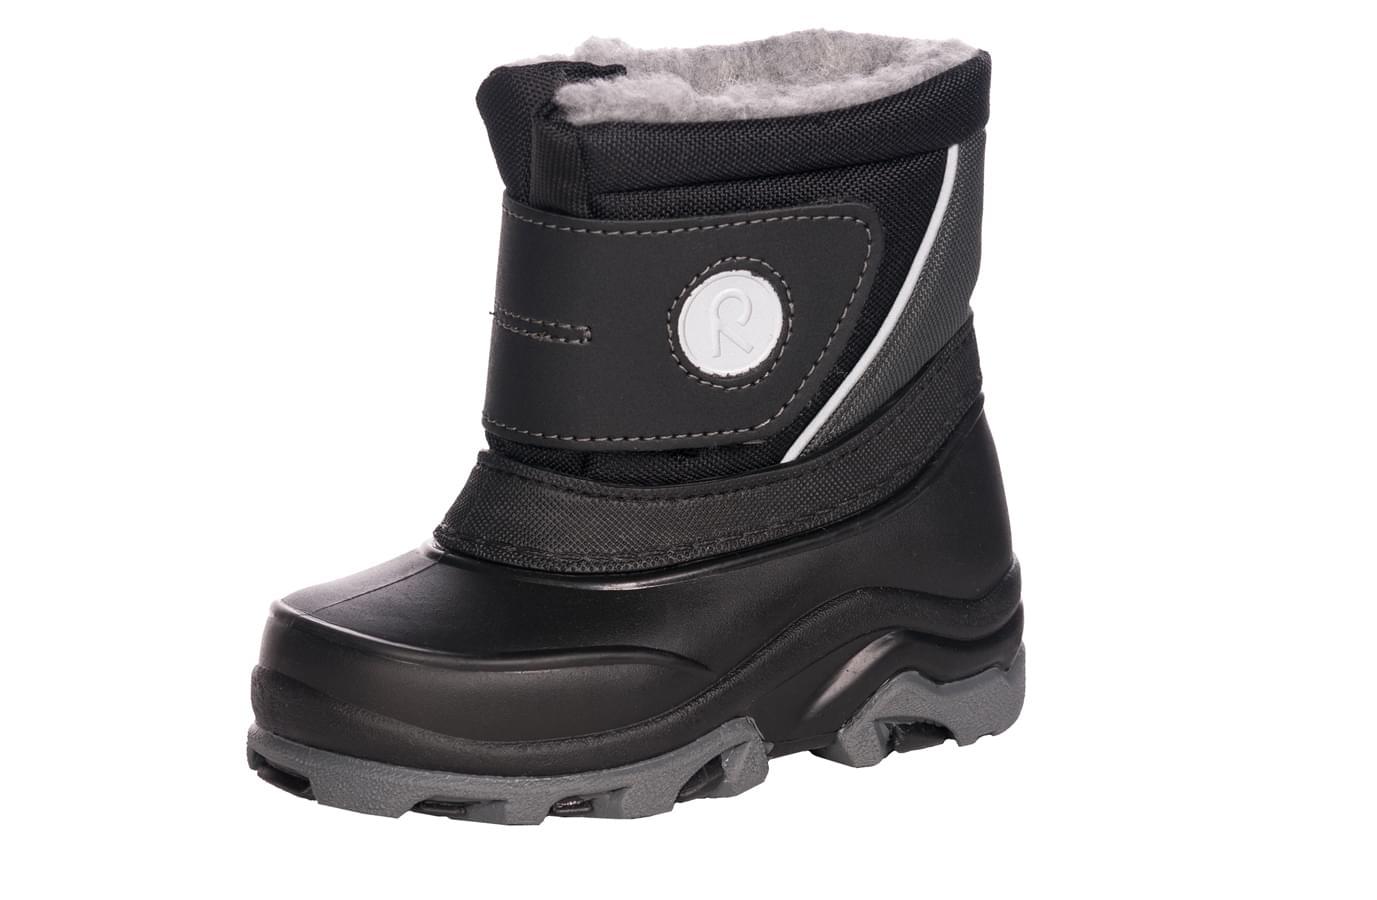 9f6f79f7704 Dětské zimní boty Reima Halla Toddler - Black - Skibi Kids